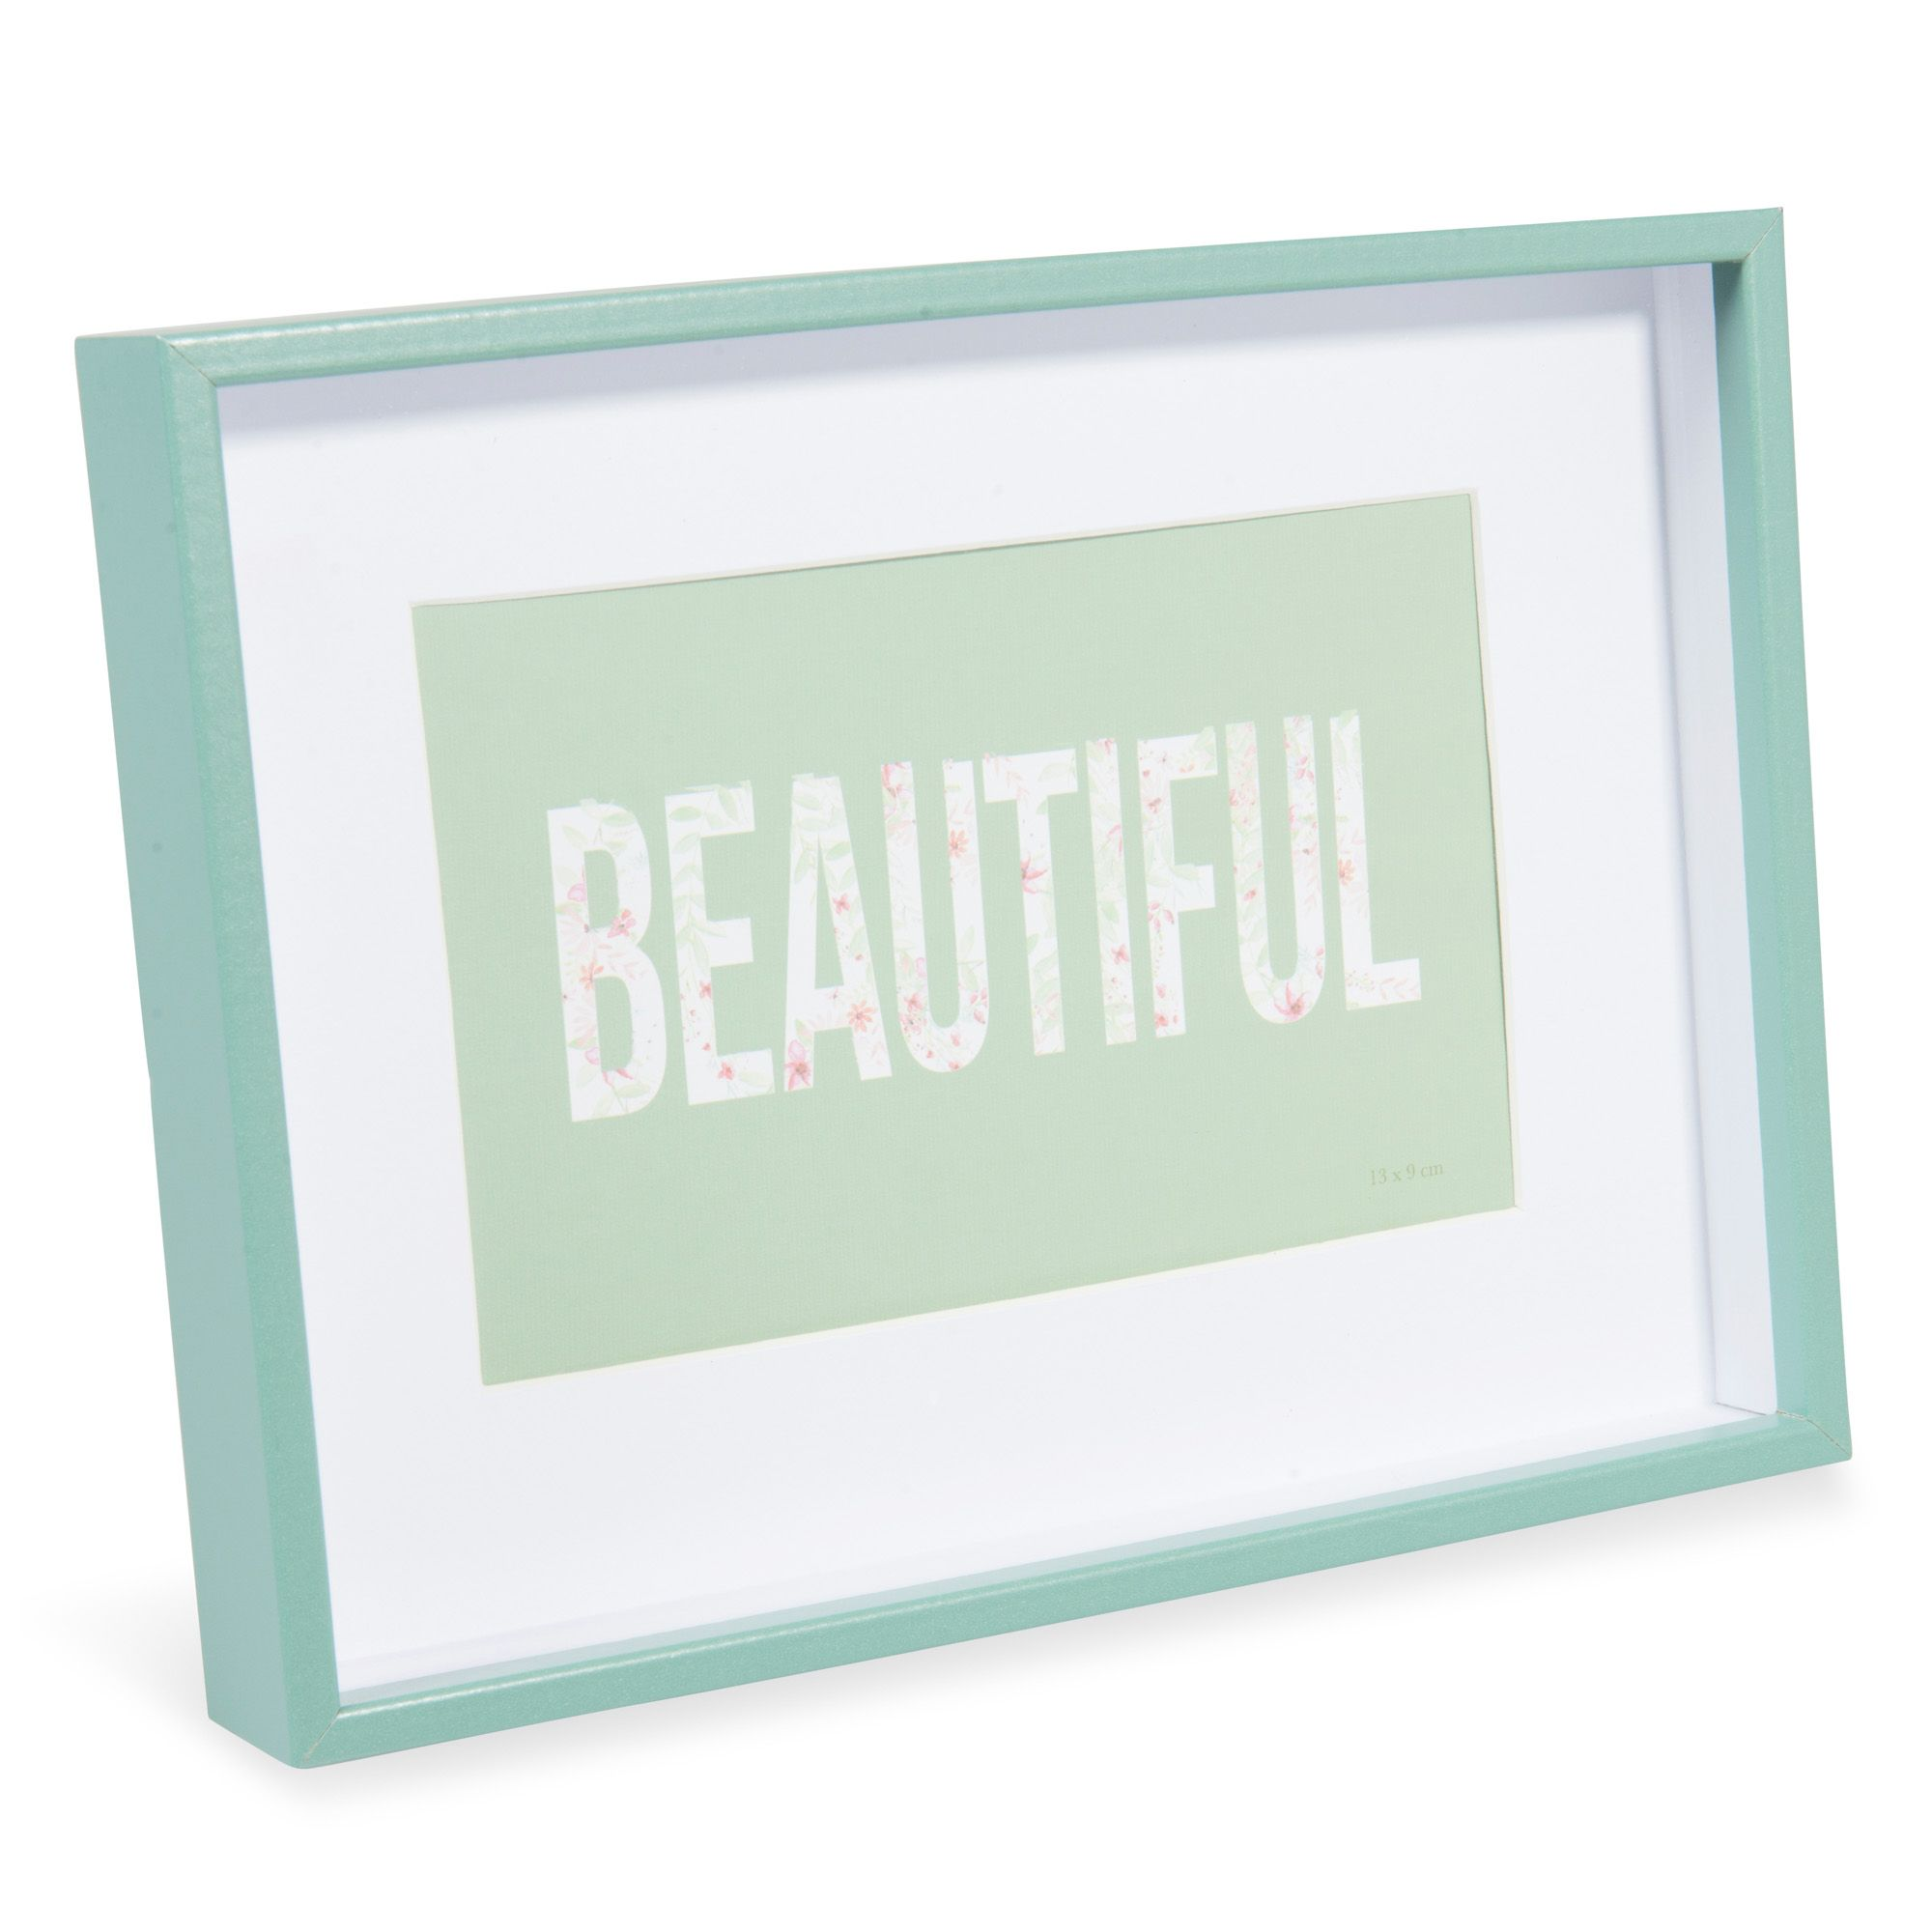 Marco de fotos de madera verde 15 x 20 cm FRANKLIN | Maisons du ...